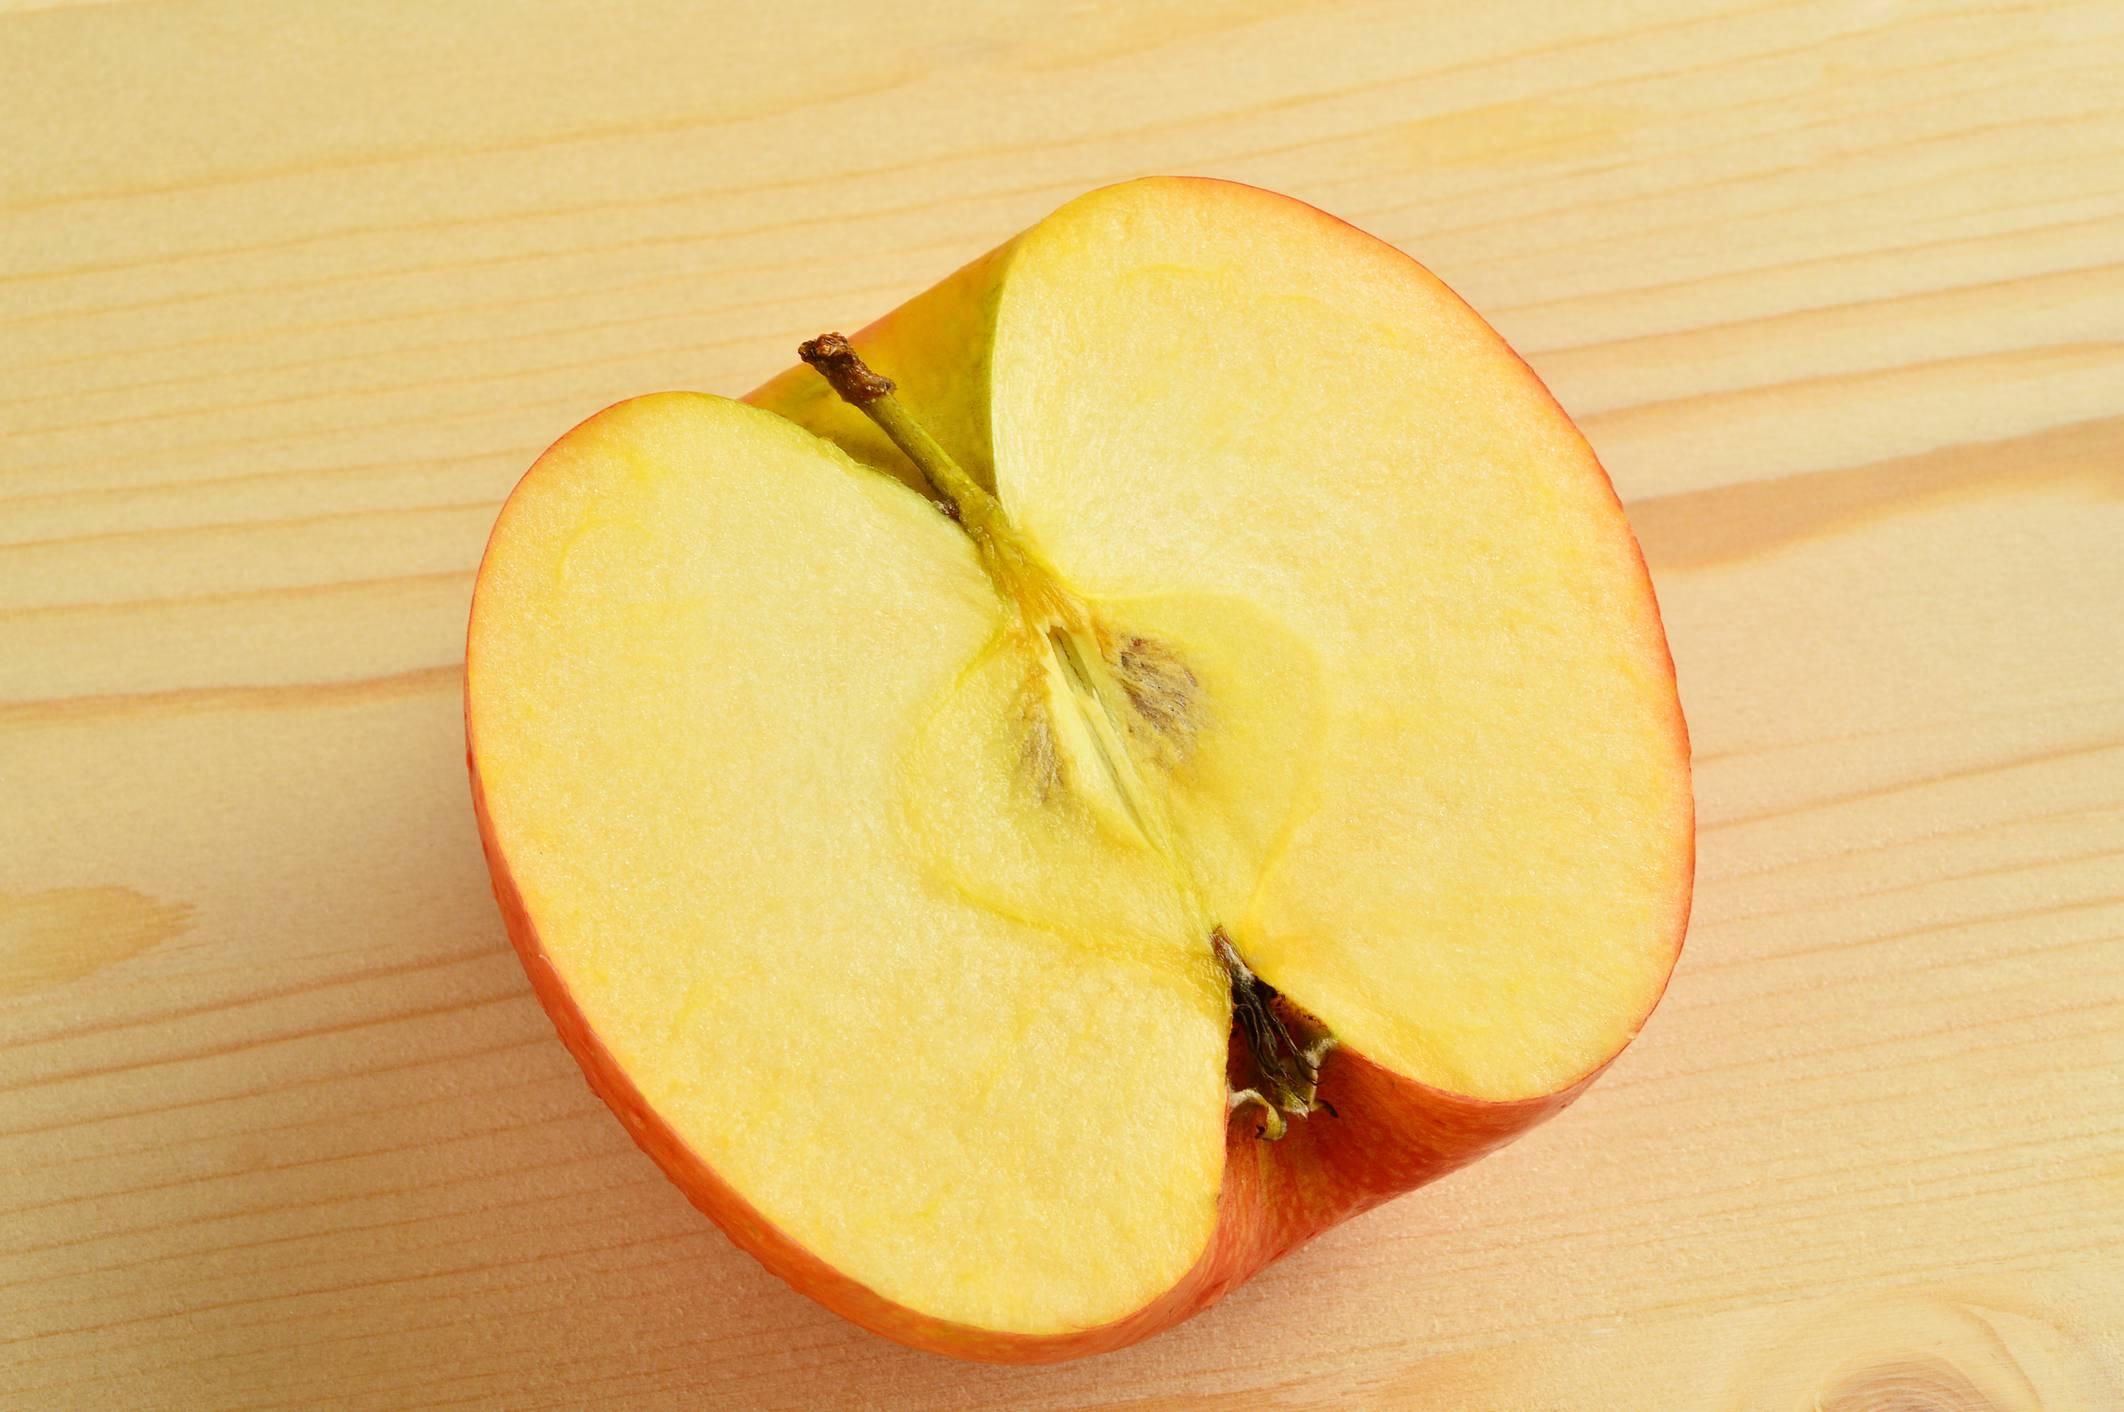 Mezza mela per eliminare il cattivo odore dal frigo